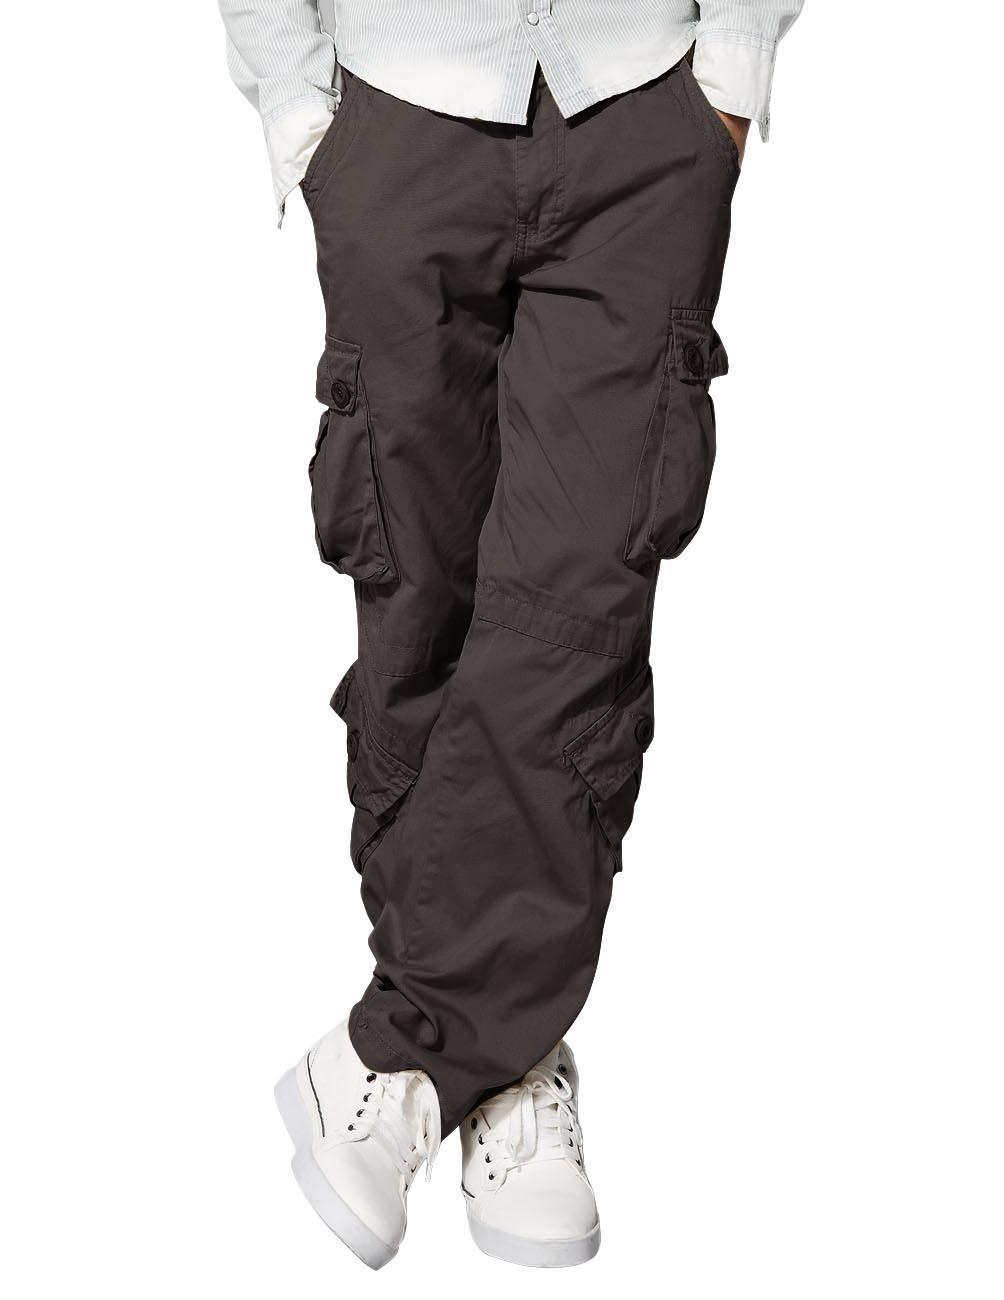 Match Men's Wild Cargo Pants(Dark khaki,38)